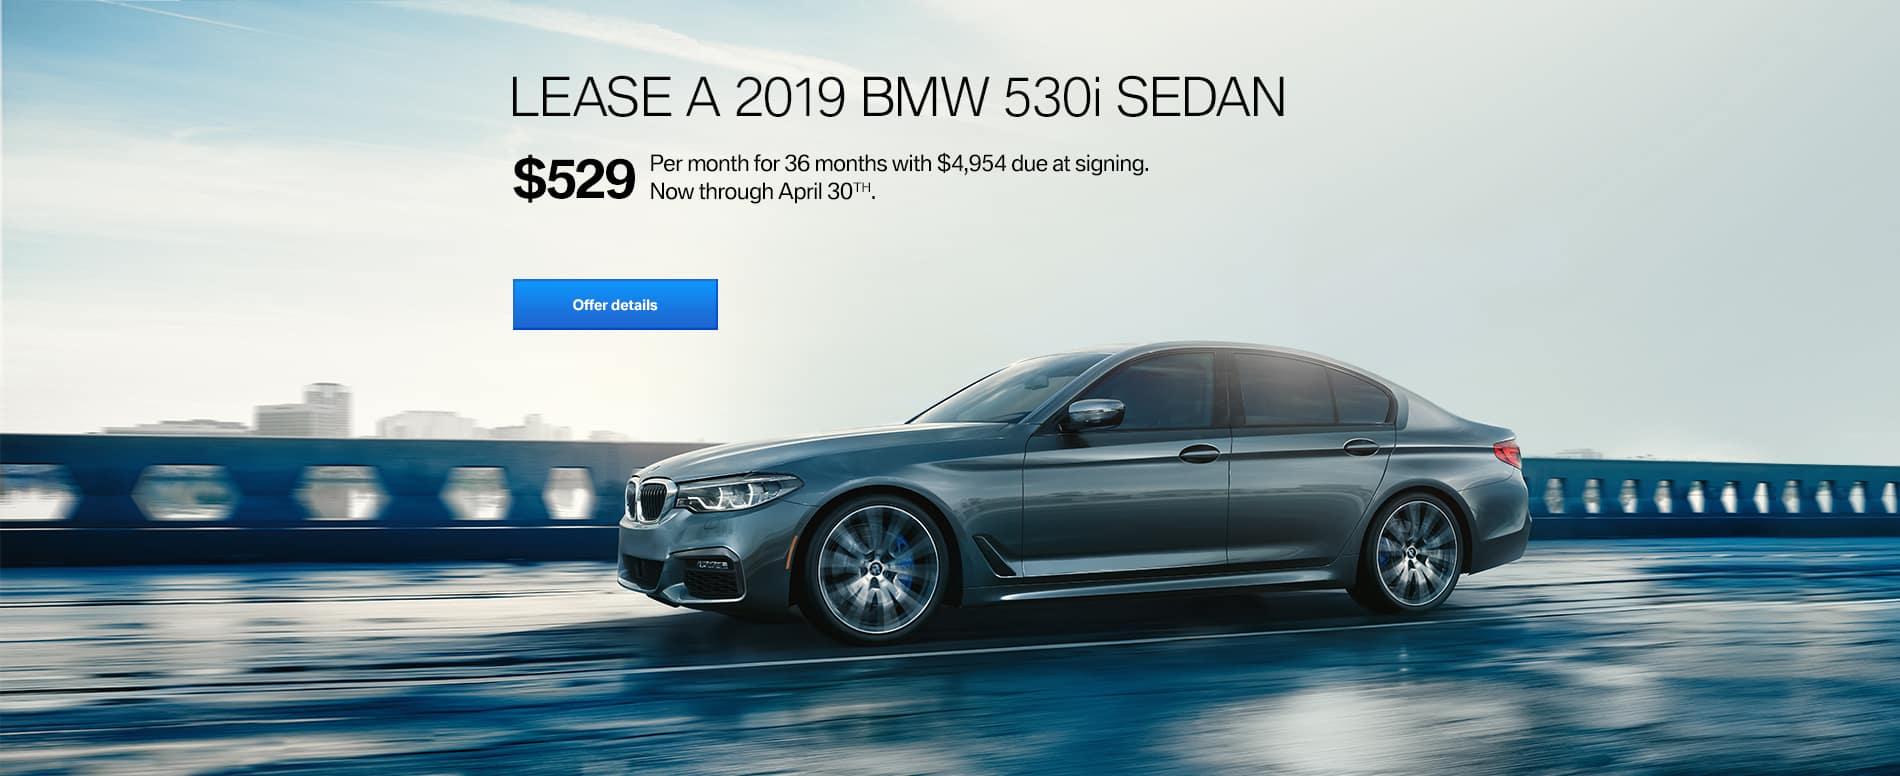 April 2019 BMW 530i